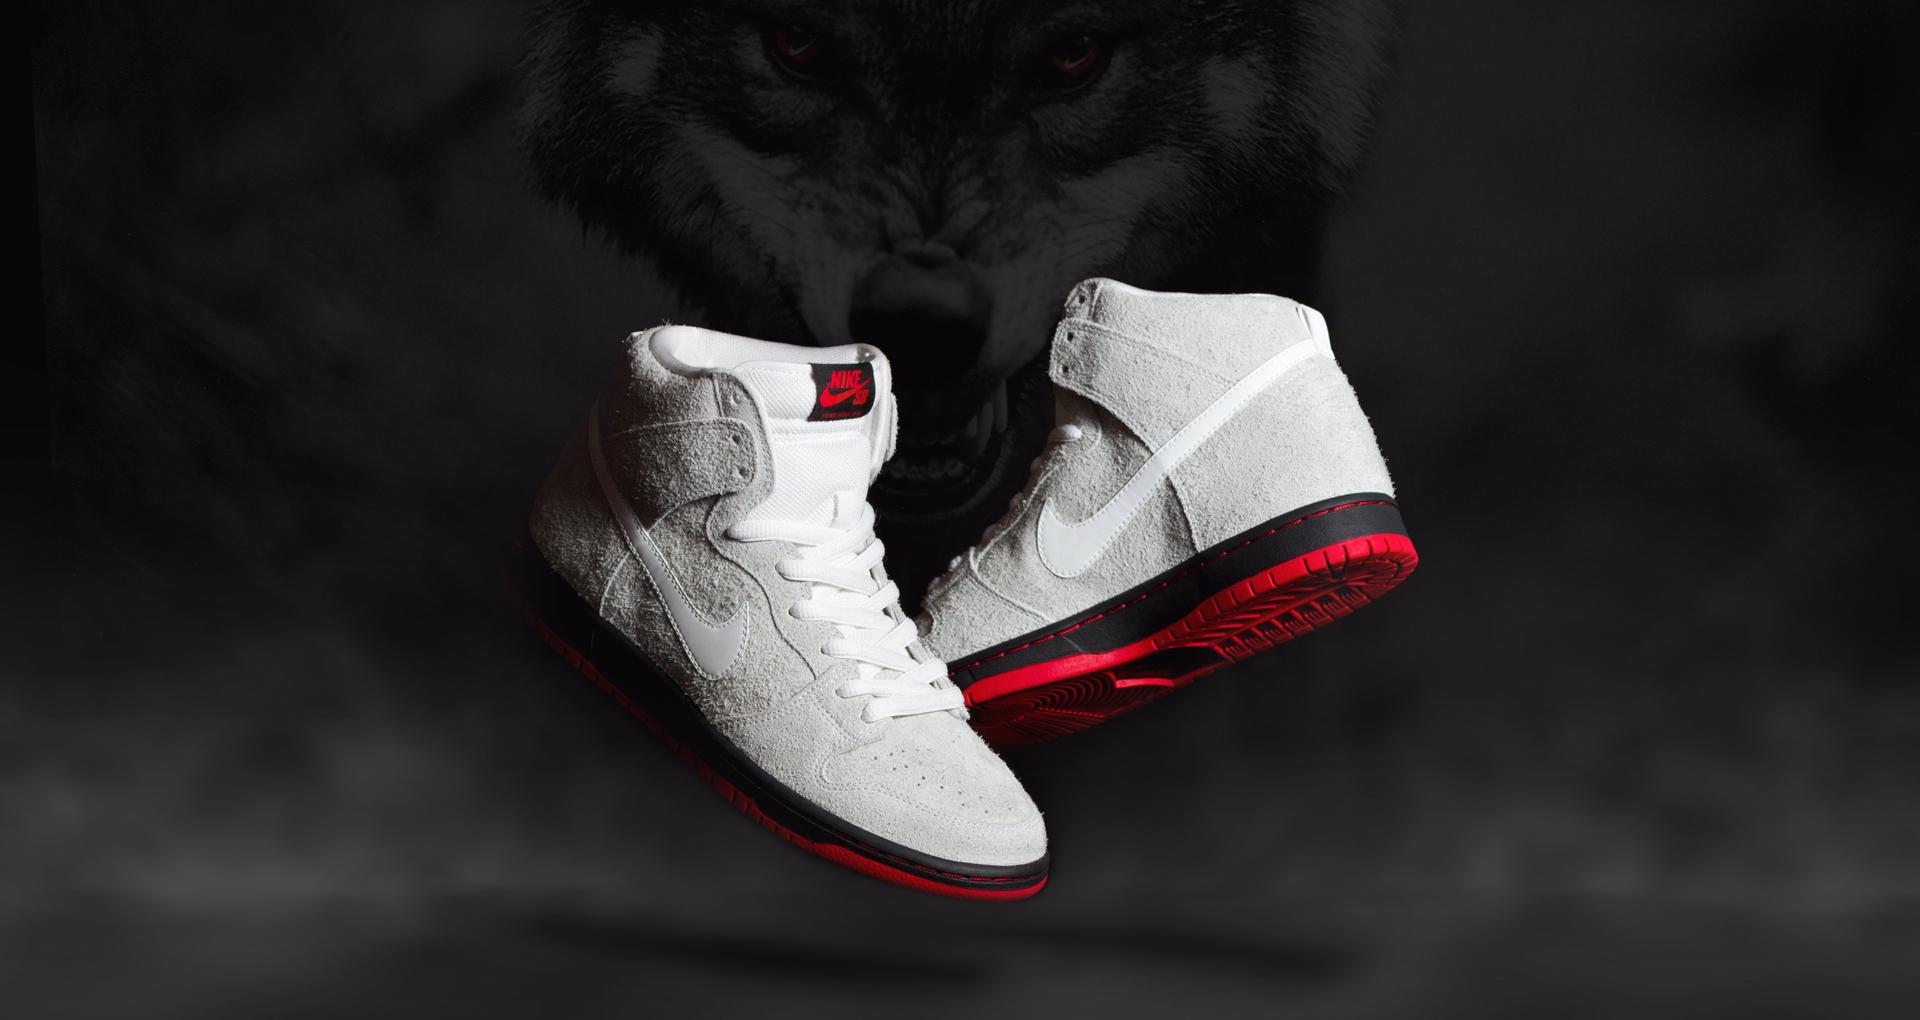 NikeSB_DunkHi_BlackSheep_hero2_fog2